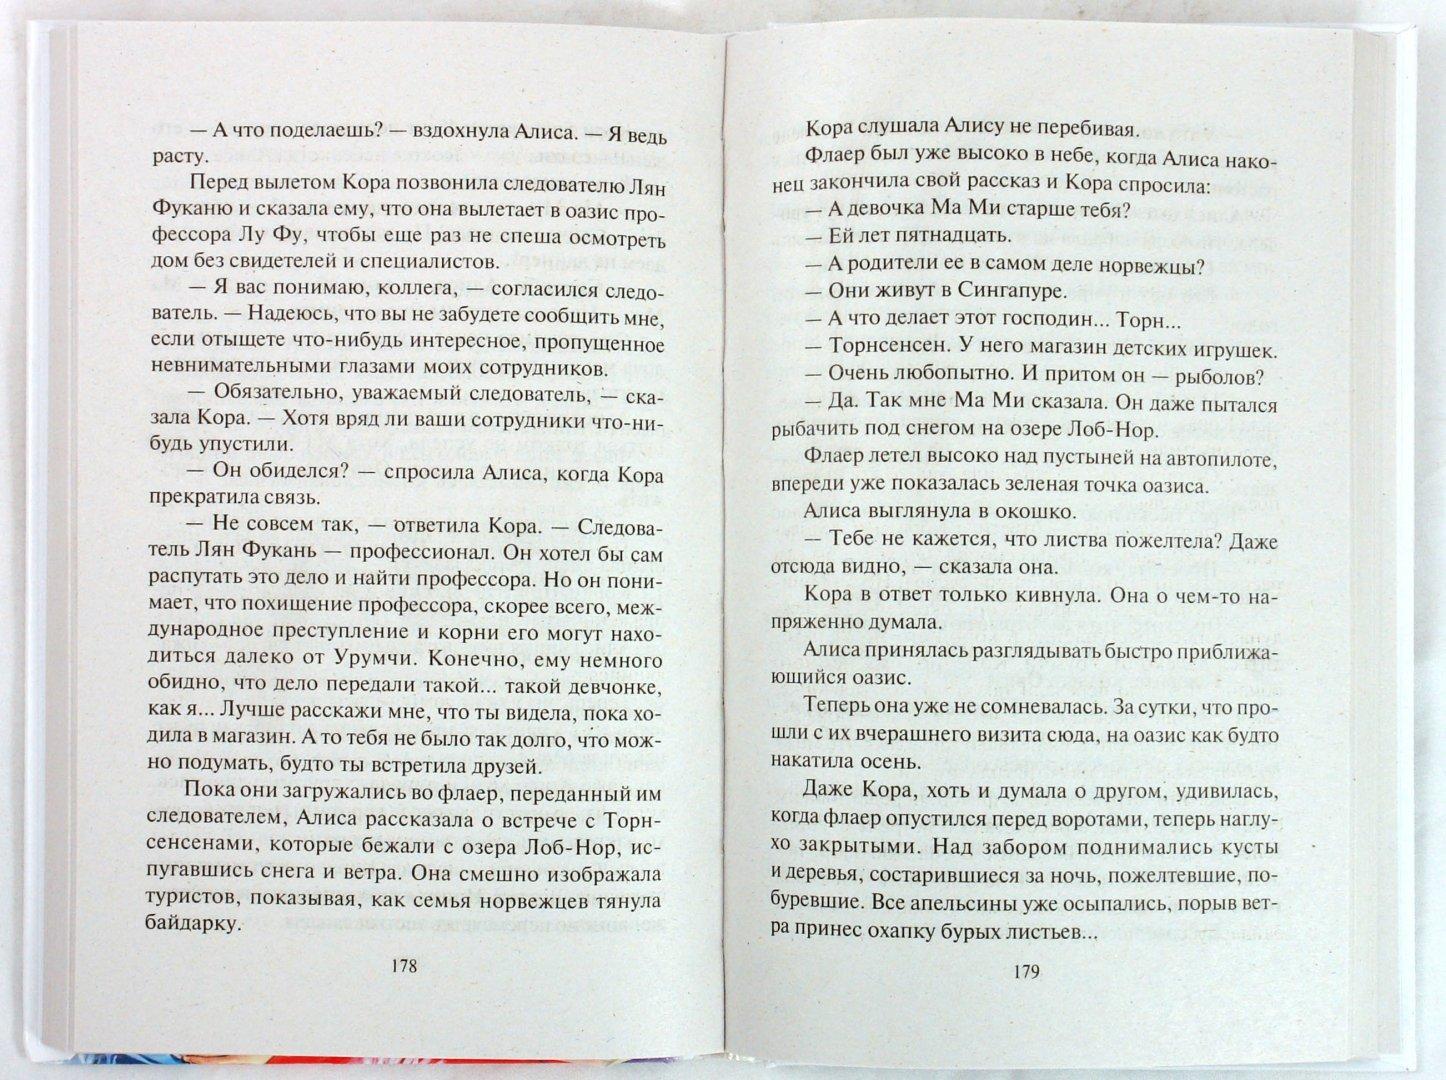 Иллюстрация 1 из 5 для Сыщик Алиса. Излучатель доброты - Кир Булычев   Лабиринт - книги. Источник: Лабиринт